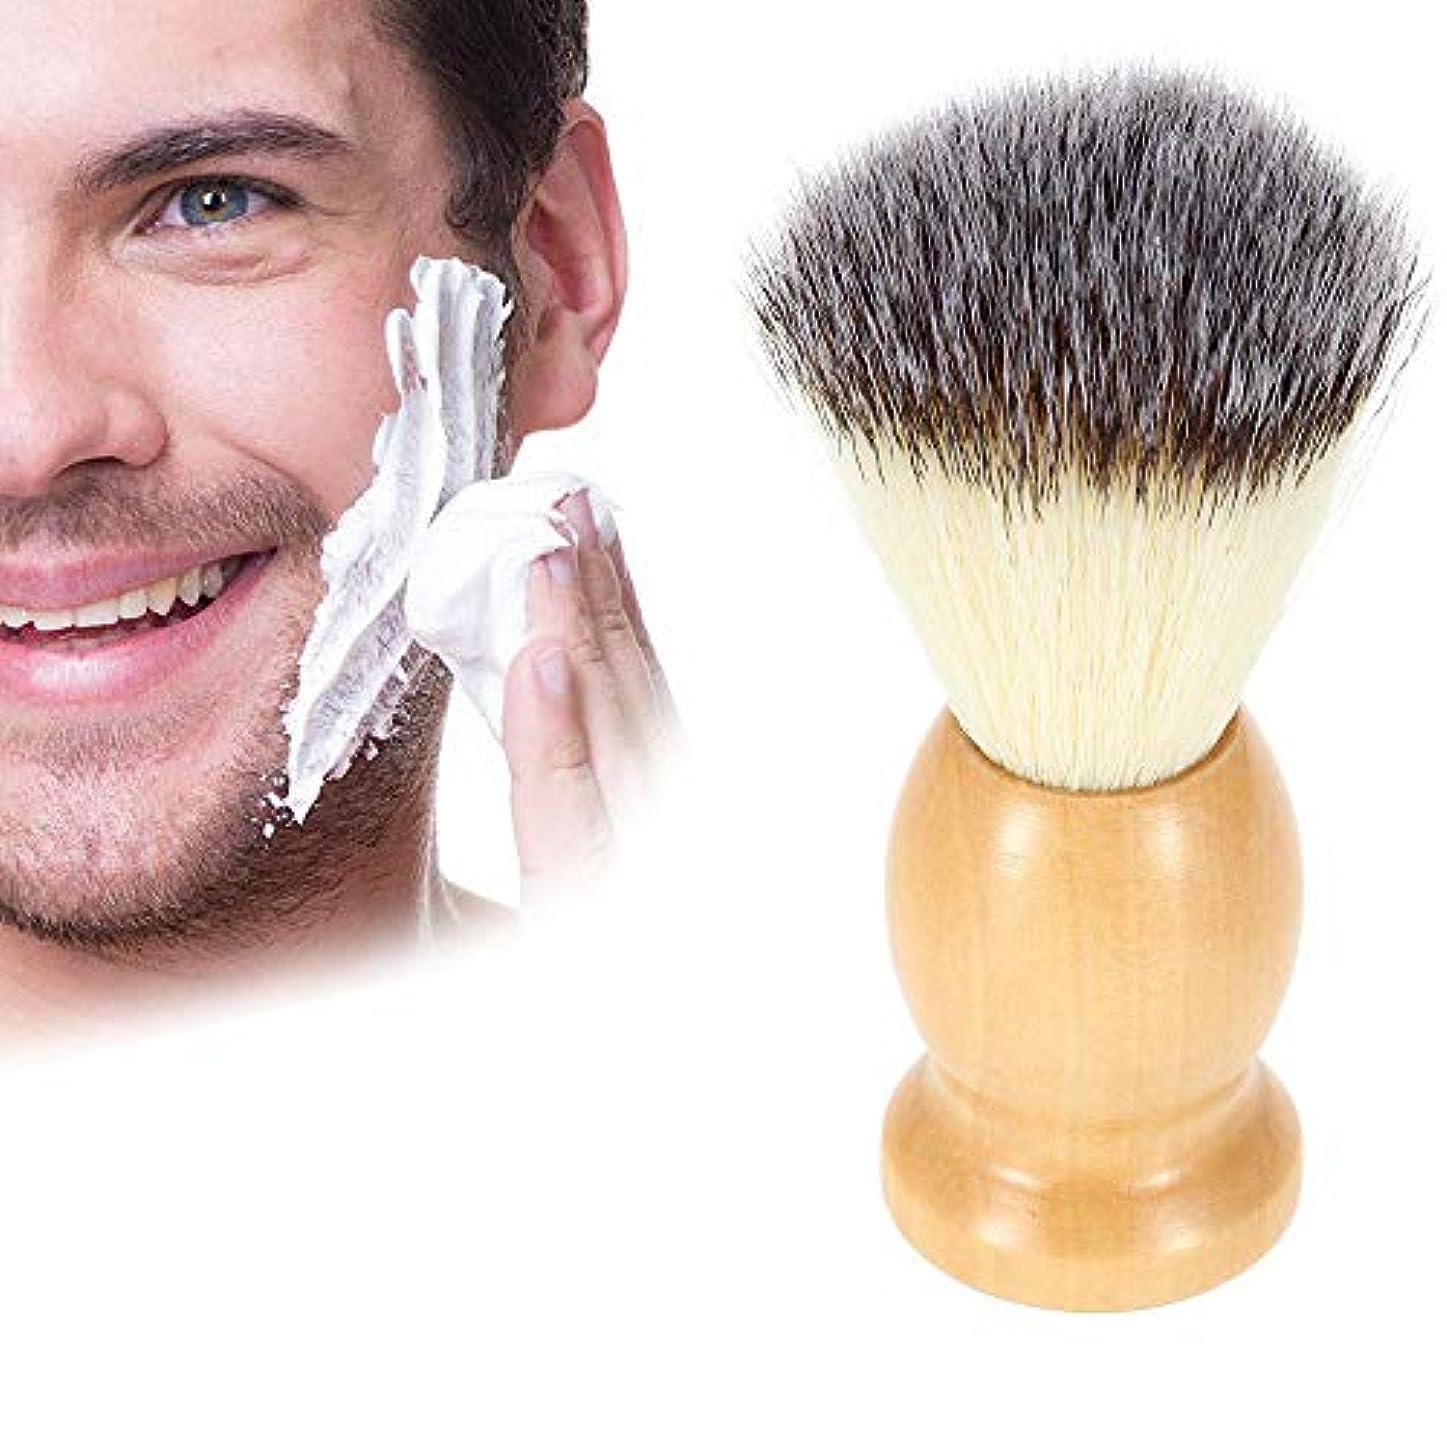 勤勉なホールデュアルButokal ナイロンひげブラシ メンズ用ブラシ 木製ハンドルシェービングブラシ 泡立ち ひげブラシ 理容 洗顔 髭剃り ご主人 ボーイフレンド 友人 にプレゼント シェービング用アクセサリー